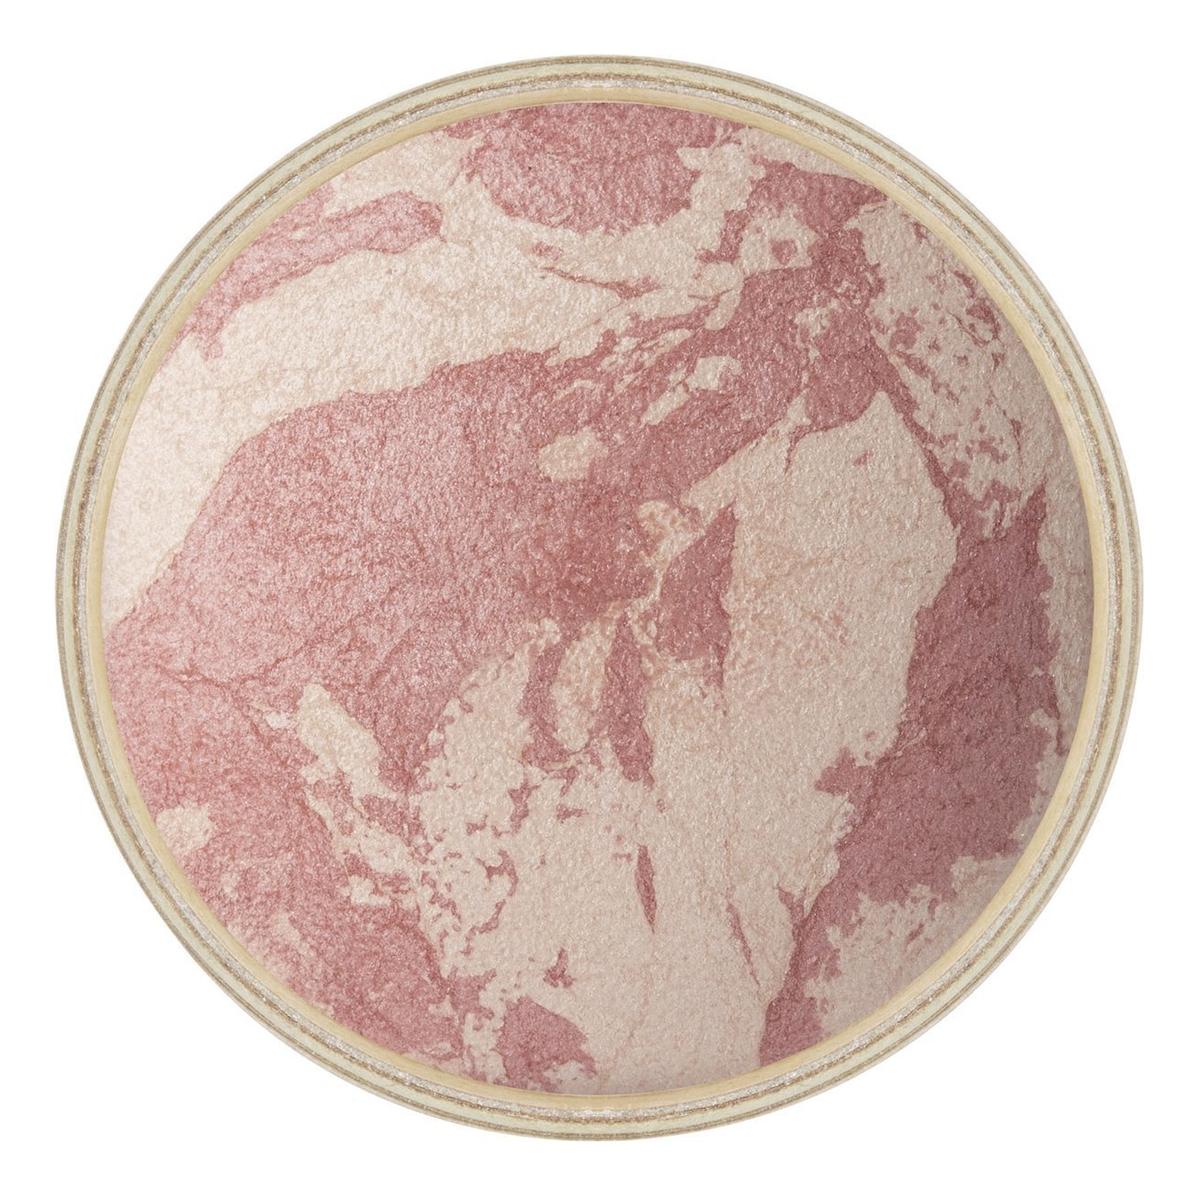 Запеченные румяна для лица Pure Simplicity Baked Blush 5,5г: Naked Petals C02 запеченные румяна для лица pure simplicity baked blush 5 5г rosy verve c01